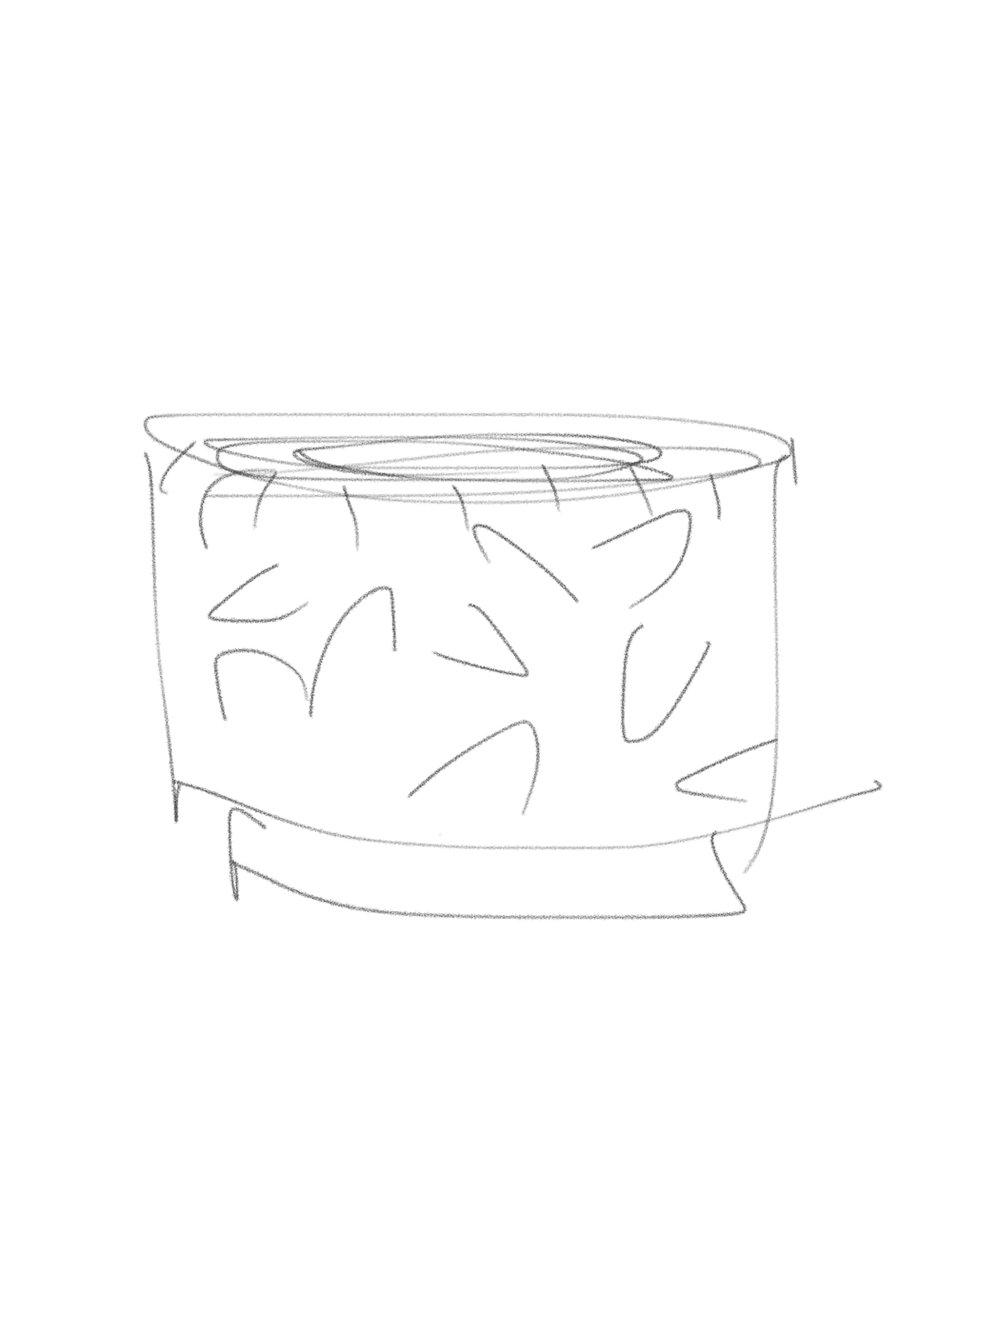 Sketch-243.jpg